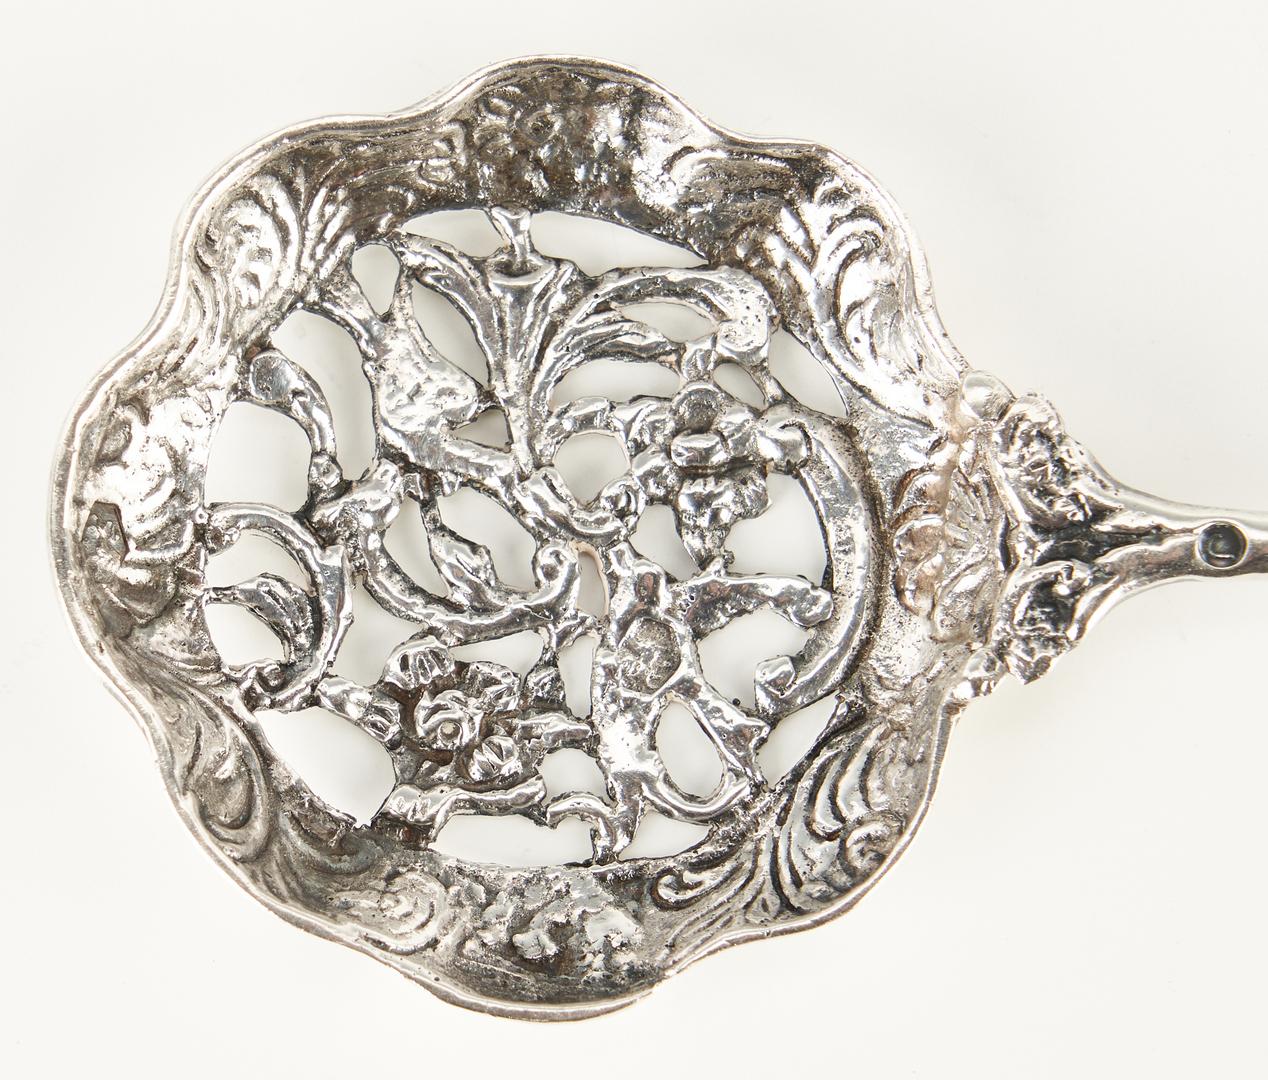 Lot 1223: Tiffany & Co. Strawberry Pattern Casserole Spoon, 3 items